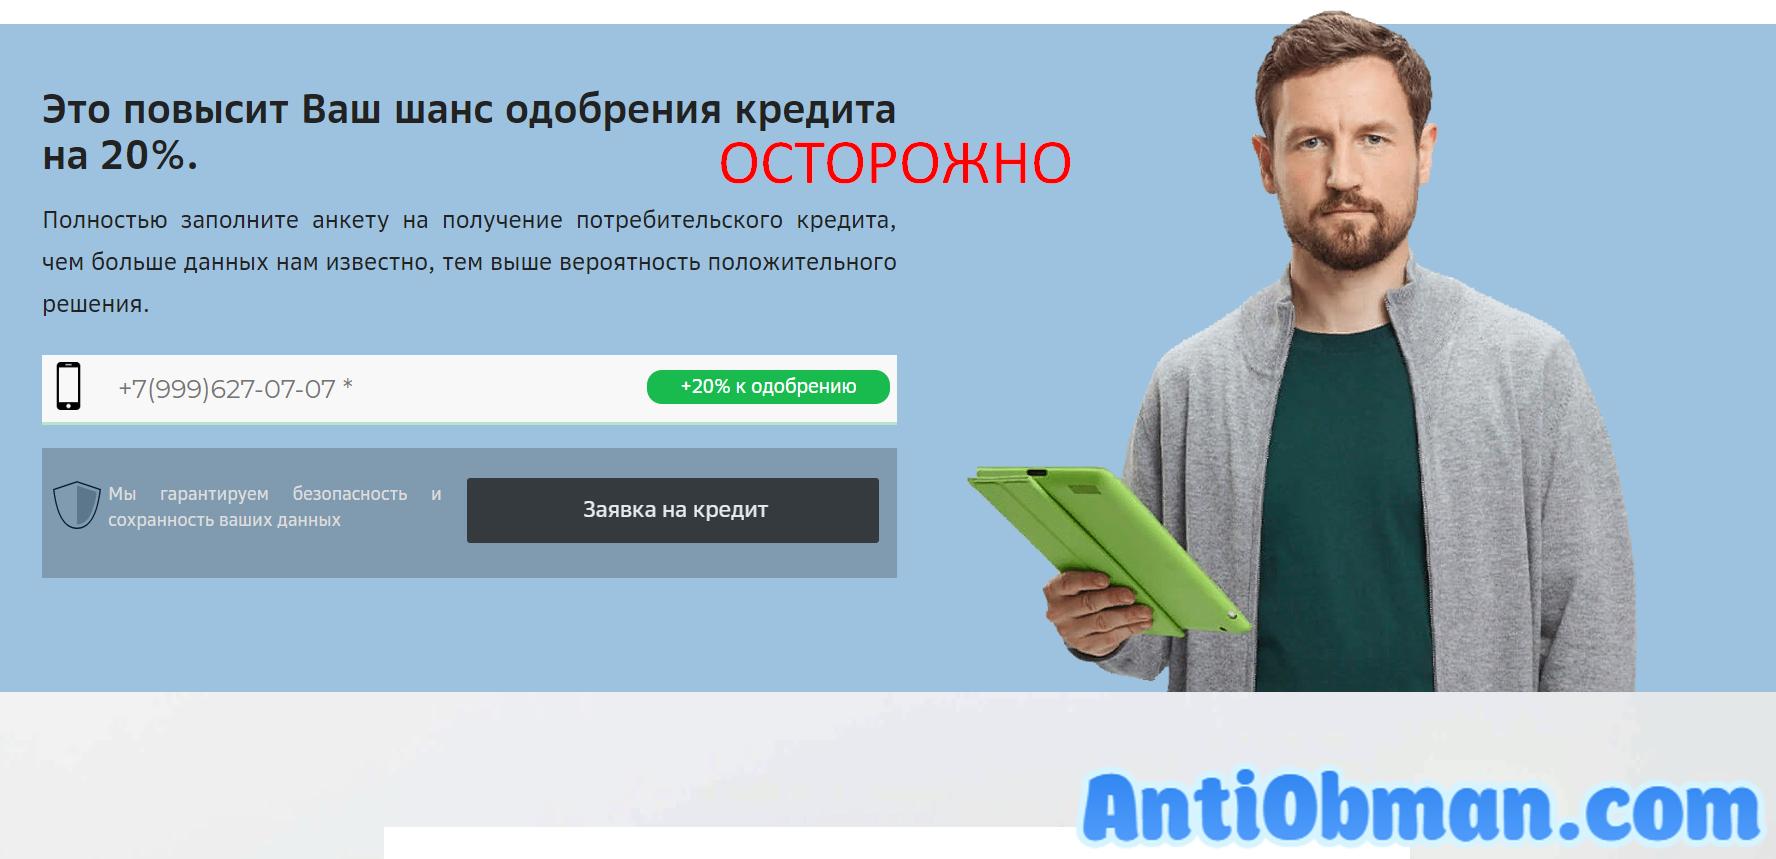 Региональная служба подбора кредитов населению (rspcn.ru) - отзывы и проверка